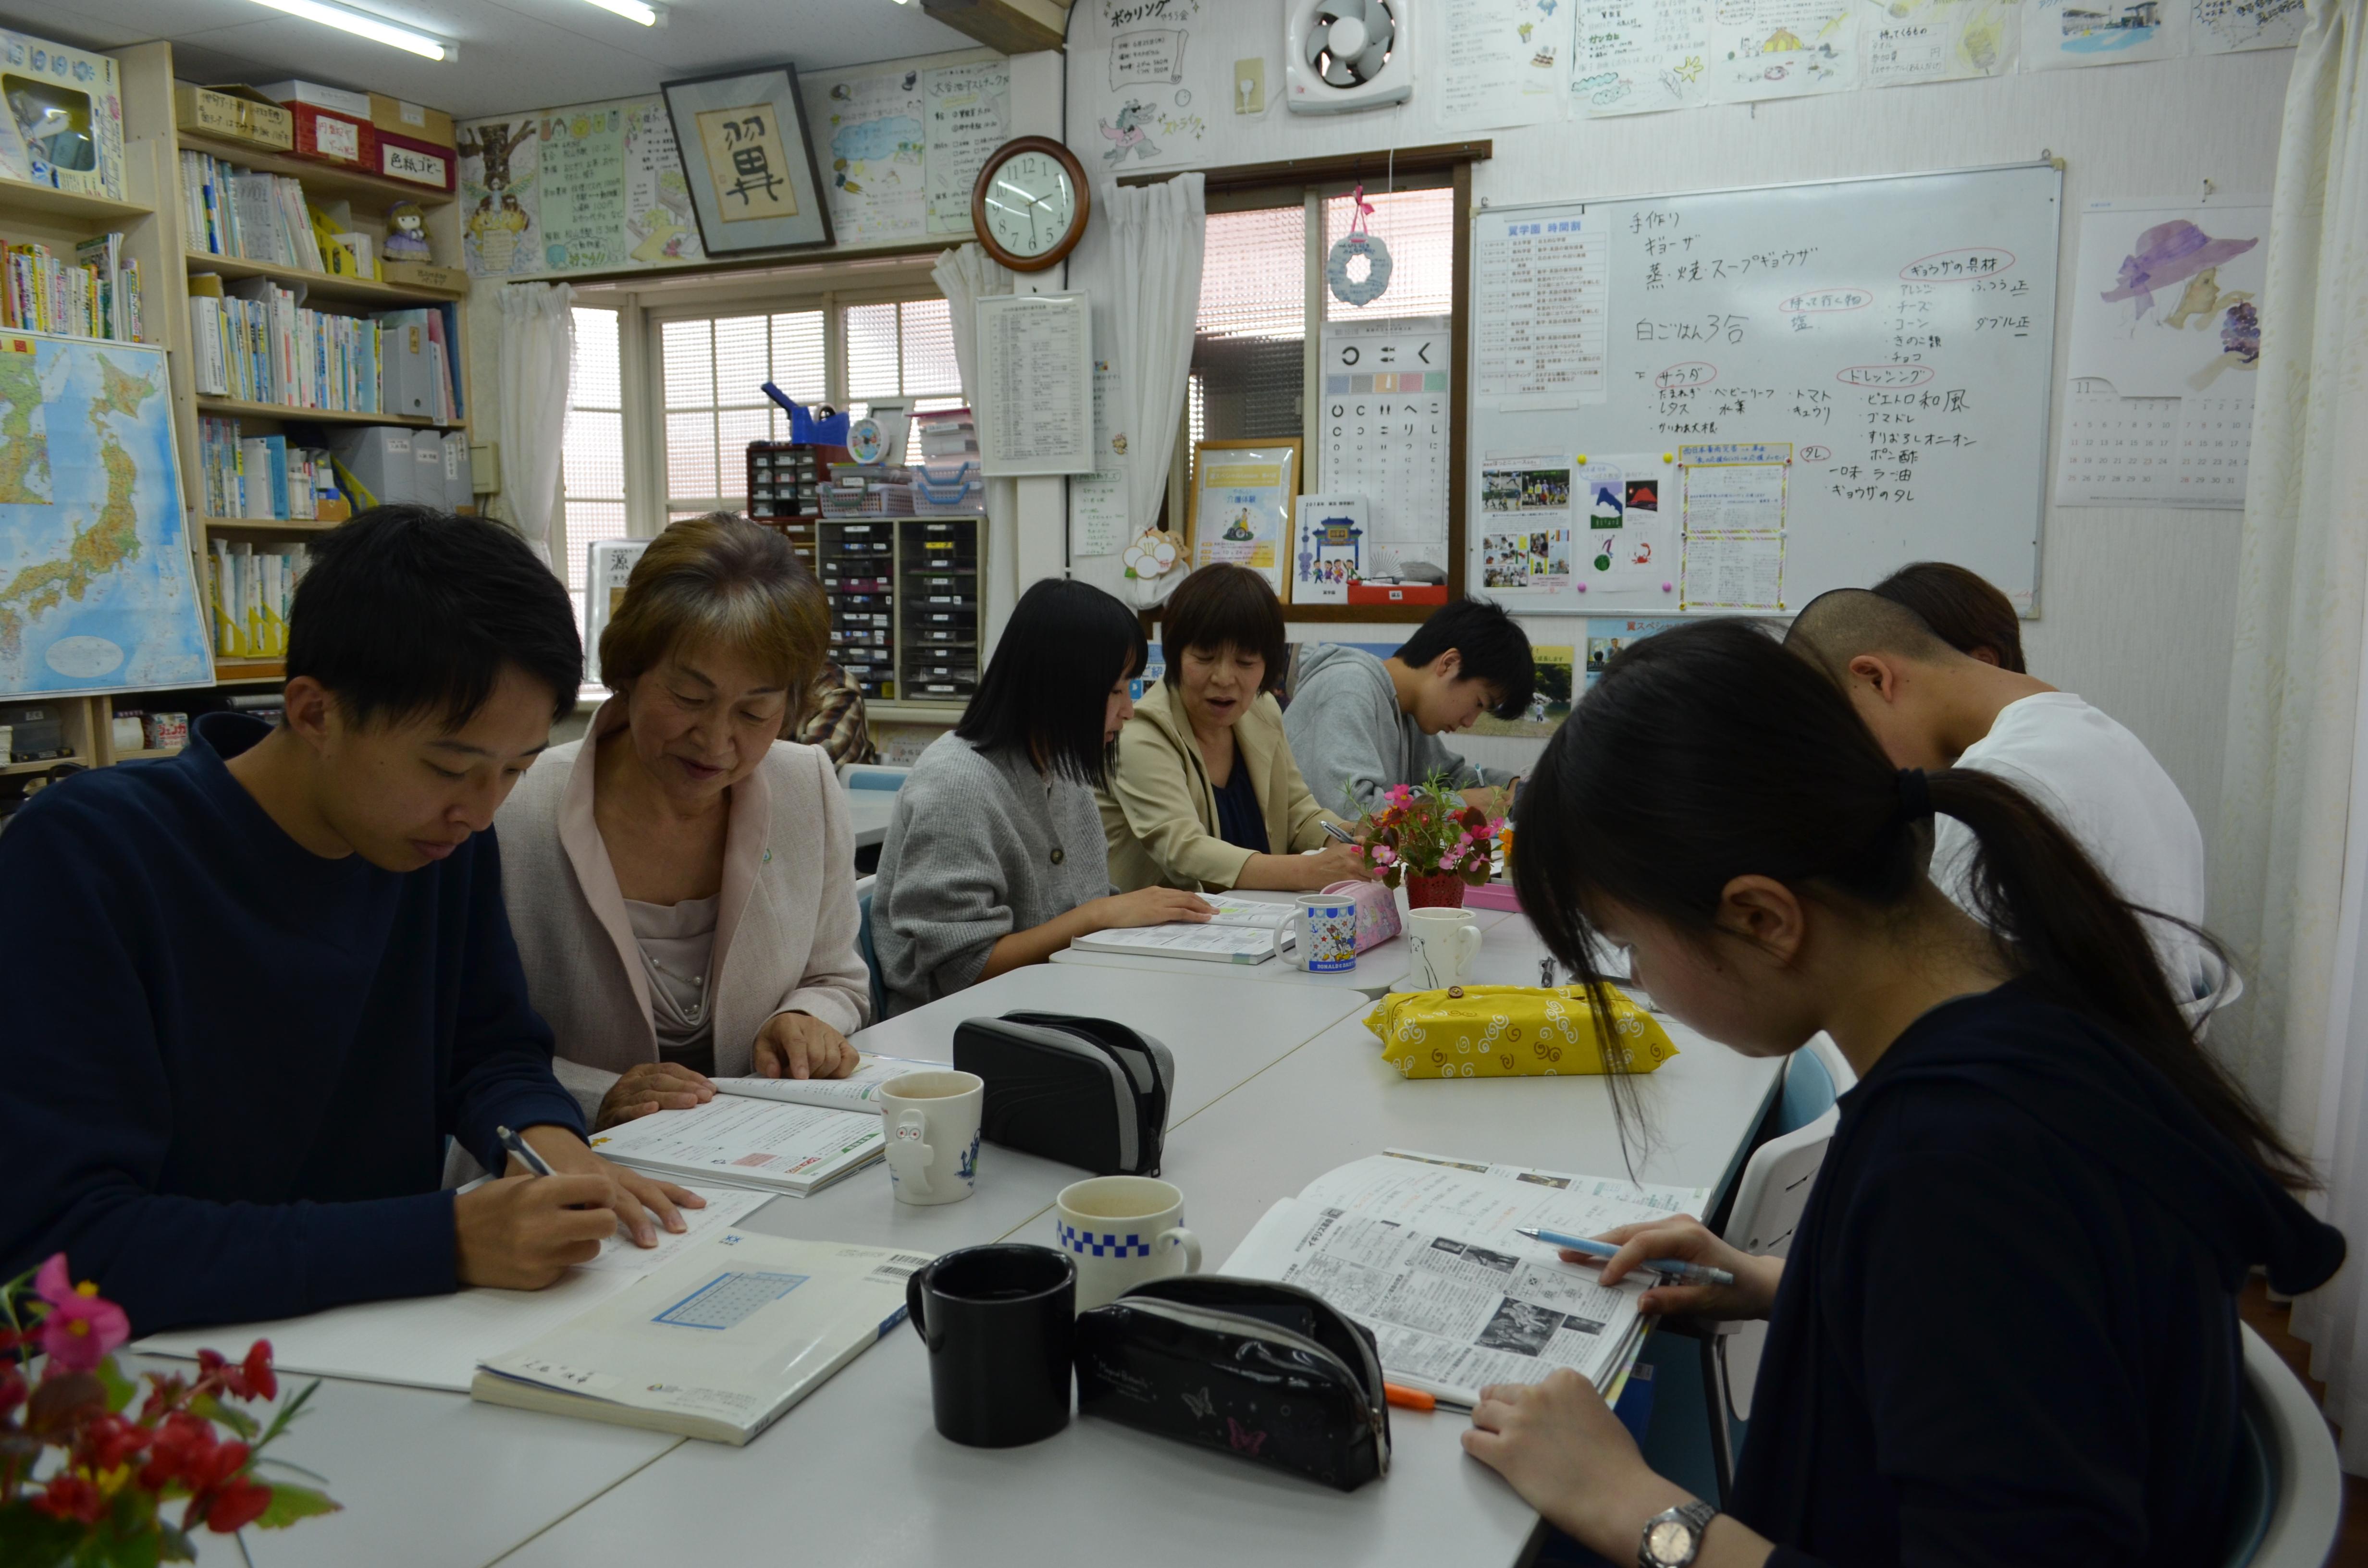 大野まつみ理事長の自宅を改装した教室。10代~20代の約30人が通う。